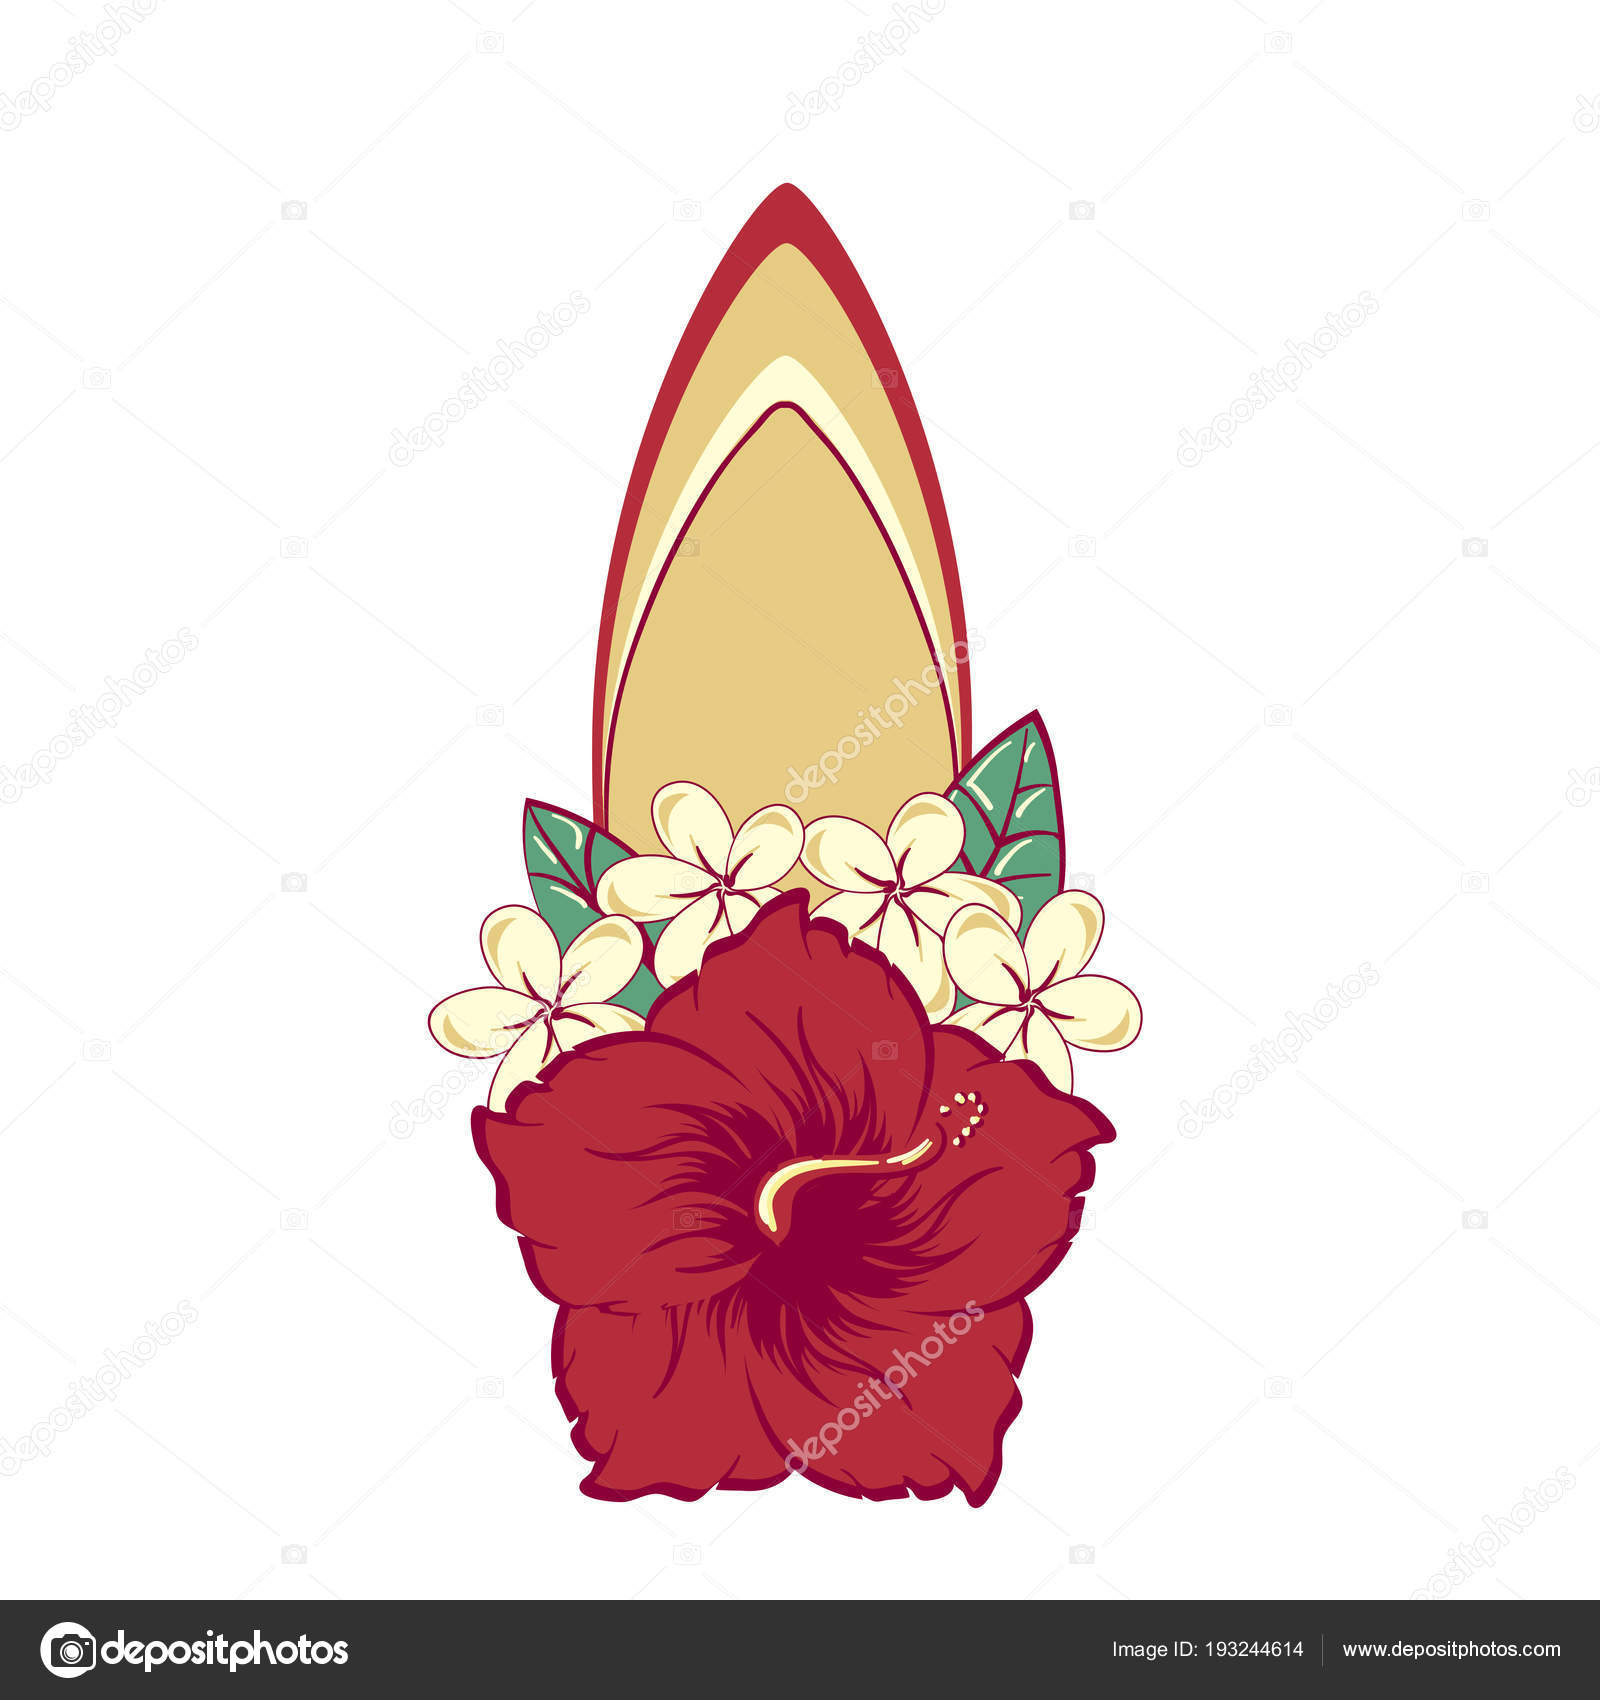 Surfboard in hawaiian flowers bouquet hibiscus and plumeria stock surfboard in hawaiian flowers bouquet hibiscus and plumeria stock vector izmirmasajfo